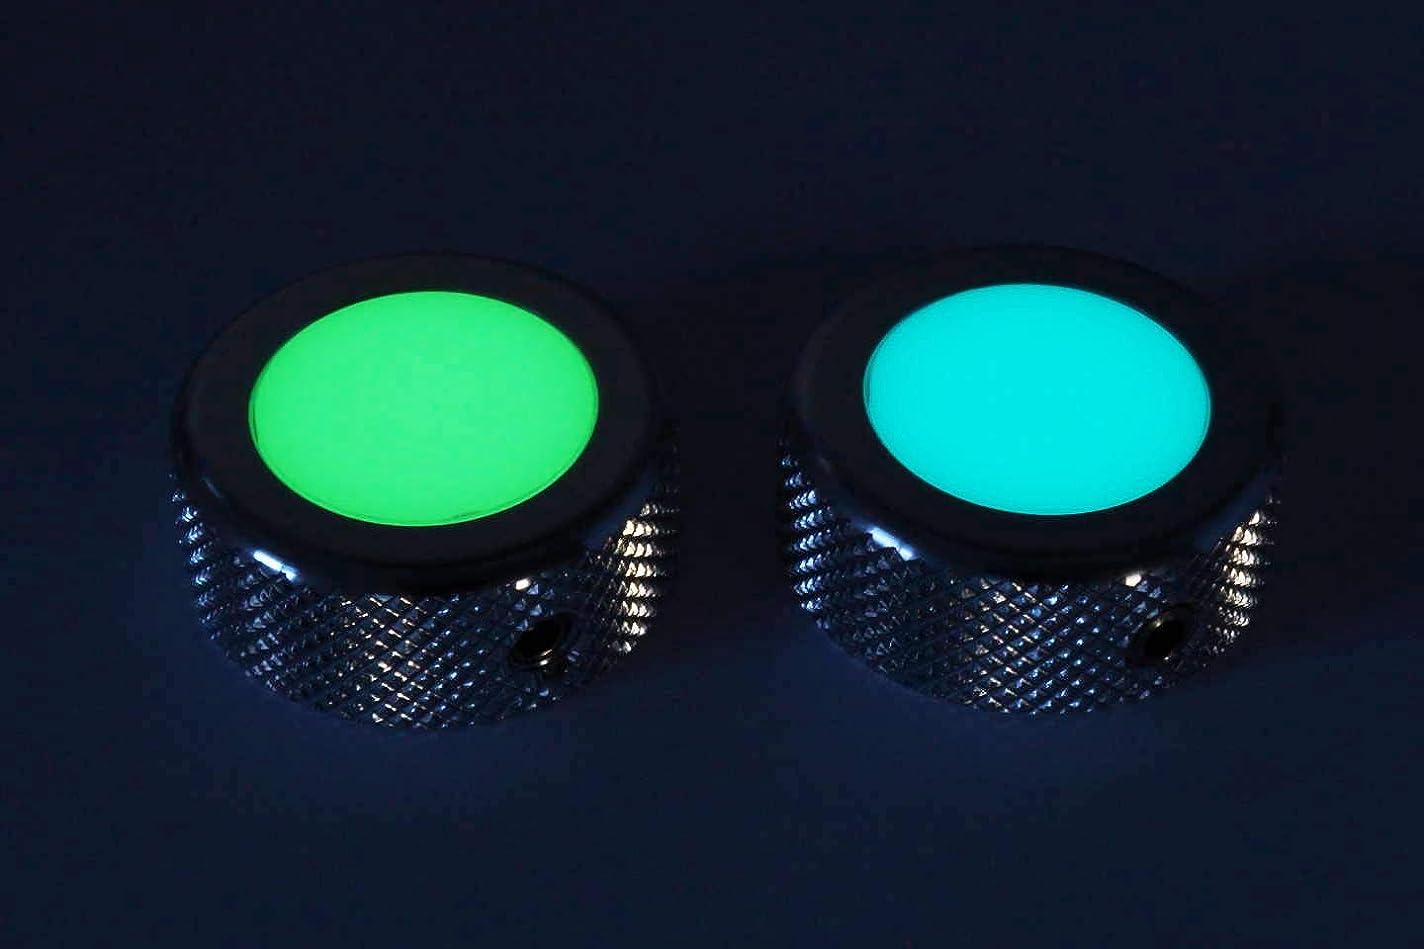 結婚式でる吸収剤Luminlay 高輝度蓄光フットスイッチカバー 1個 (10mm穴, ブルー発光)